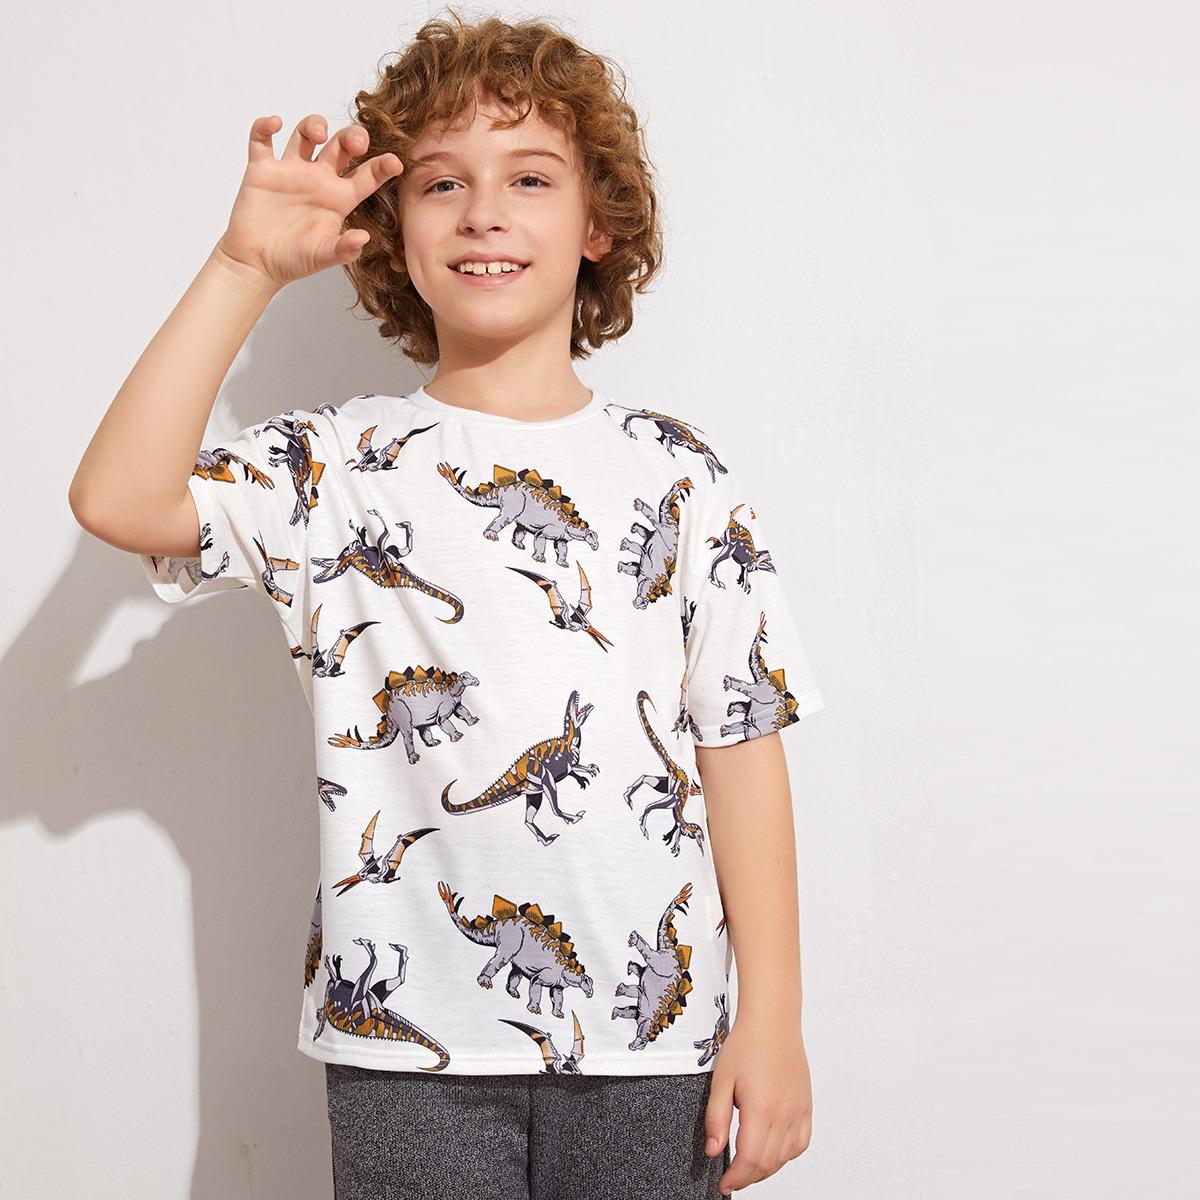 Футболка с принтом динозавра для мальчиков от SHEIN